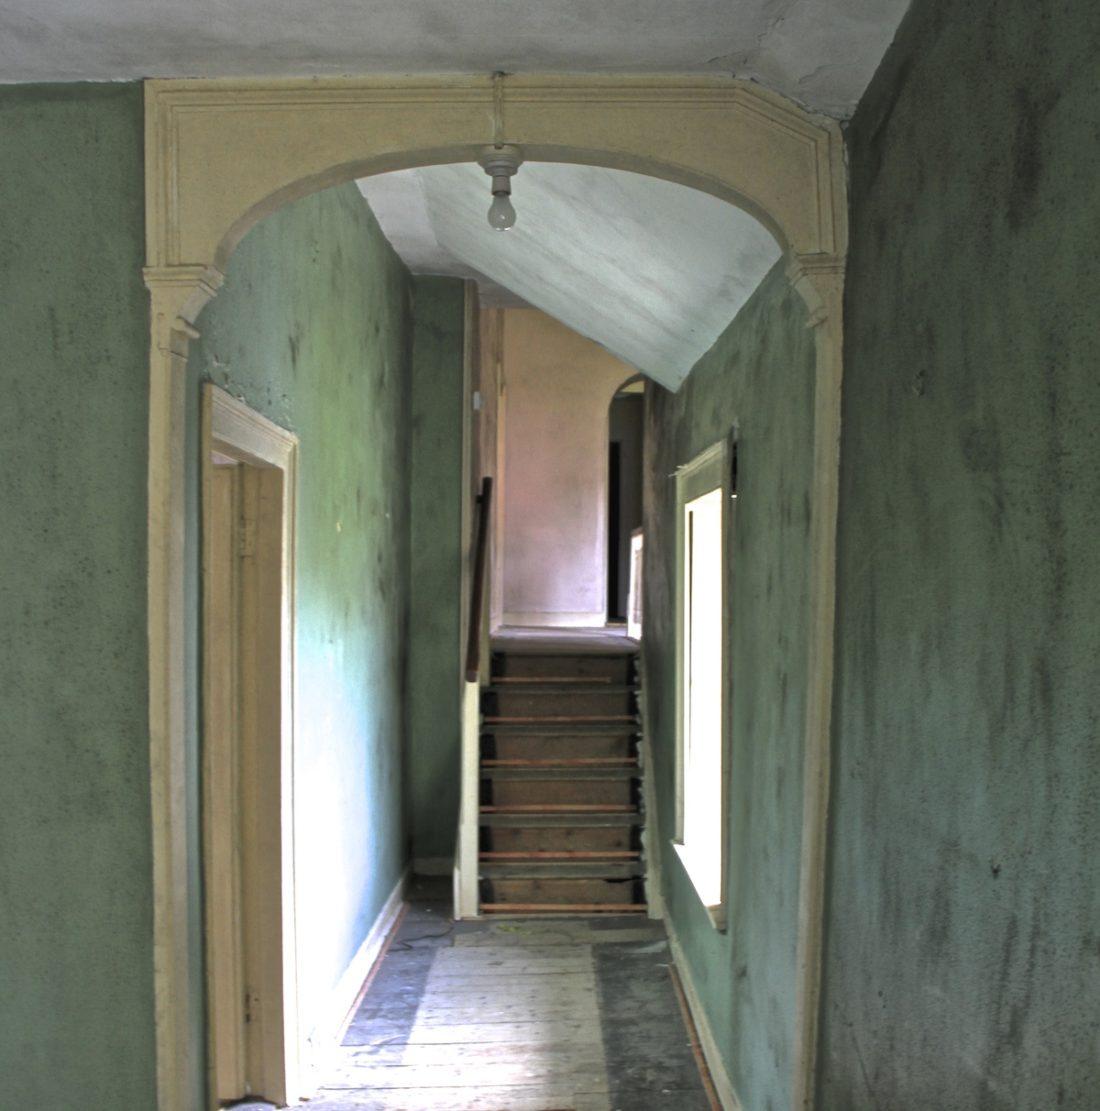 teal-hallway